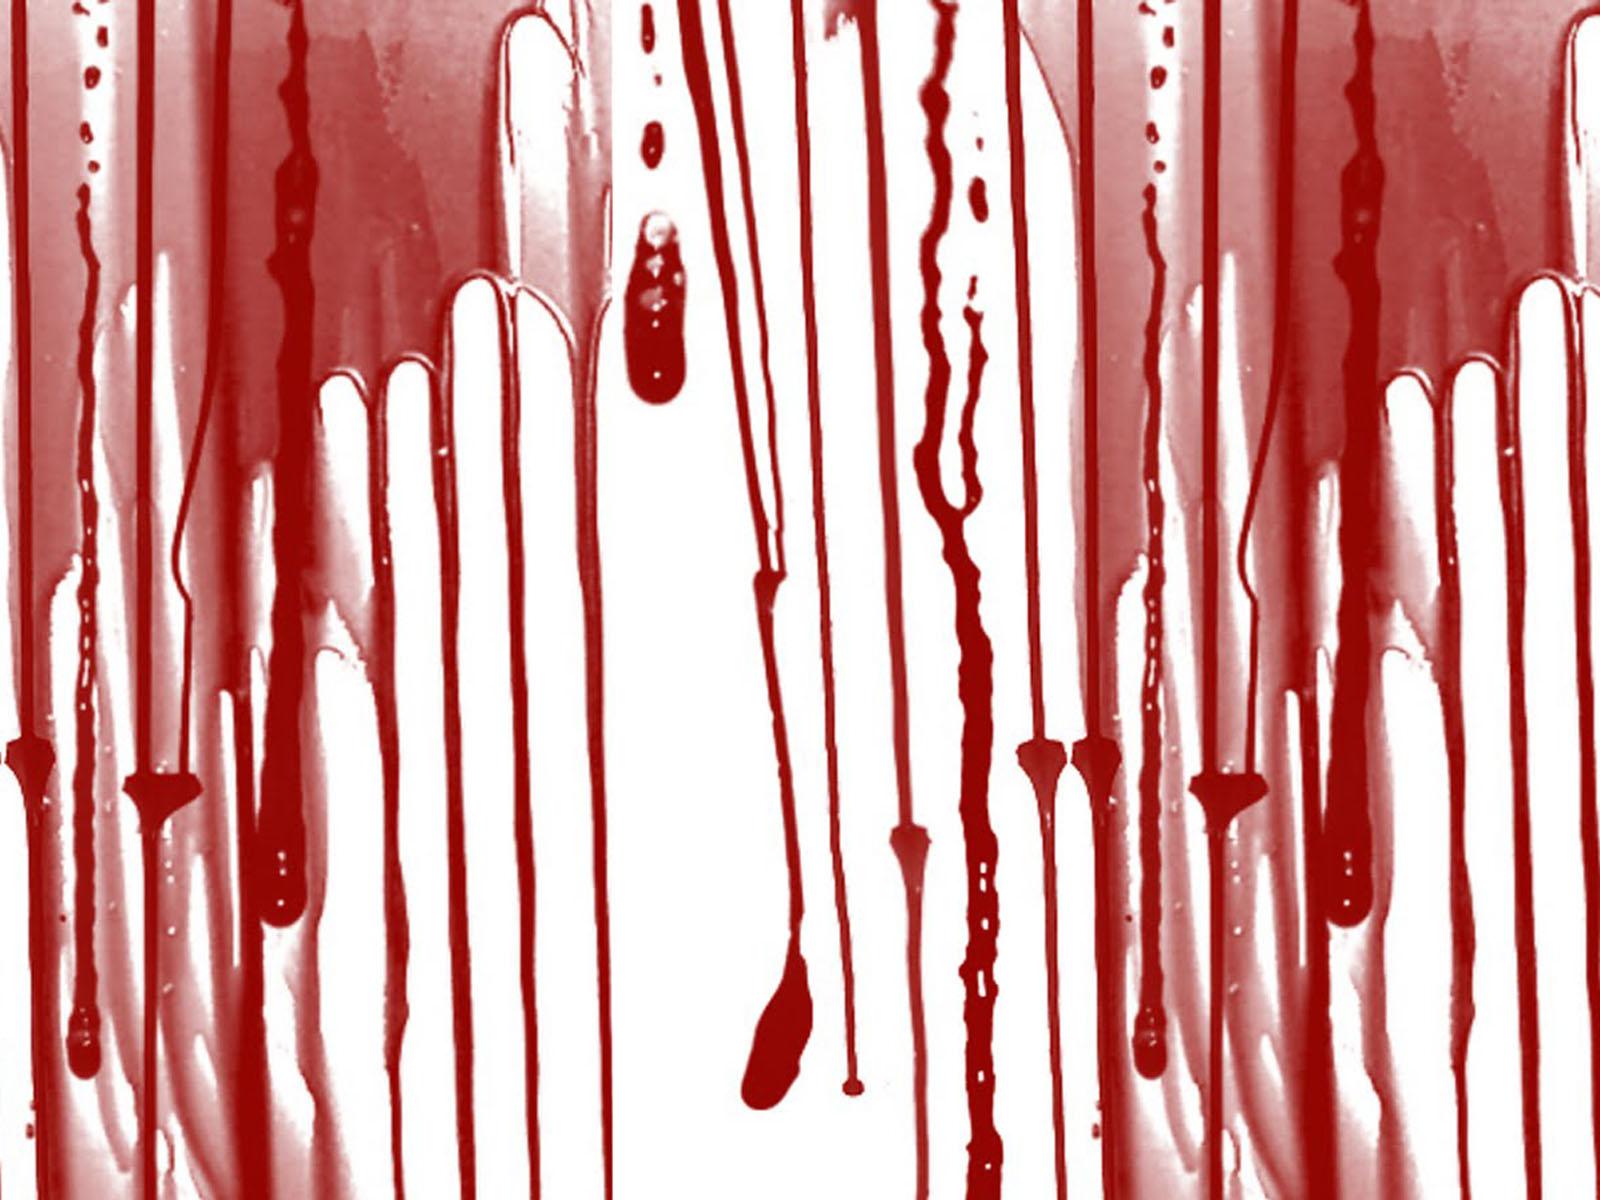 кровавые обои на телефон могут формироваться любых